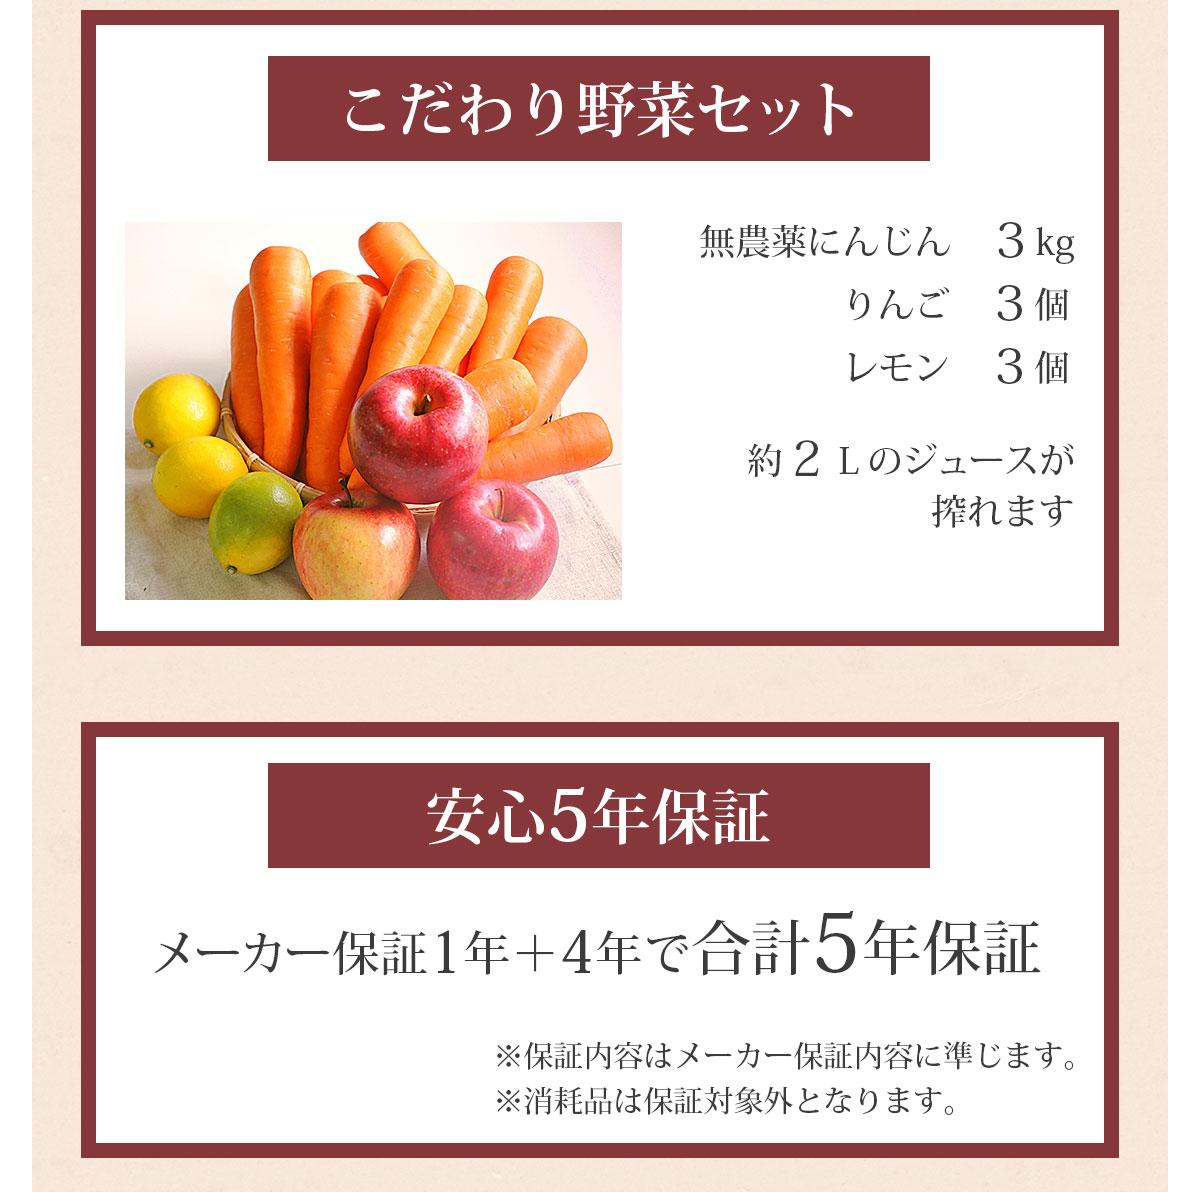 ・こだわり野菜セット(無農薬にんじん3kg、りんご3個、レモン3個) 約2Lのジュースが搾れます ・安心5年保証(メーカー保証1年+4年で合計5年保証)